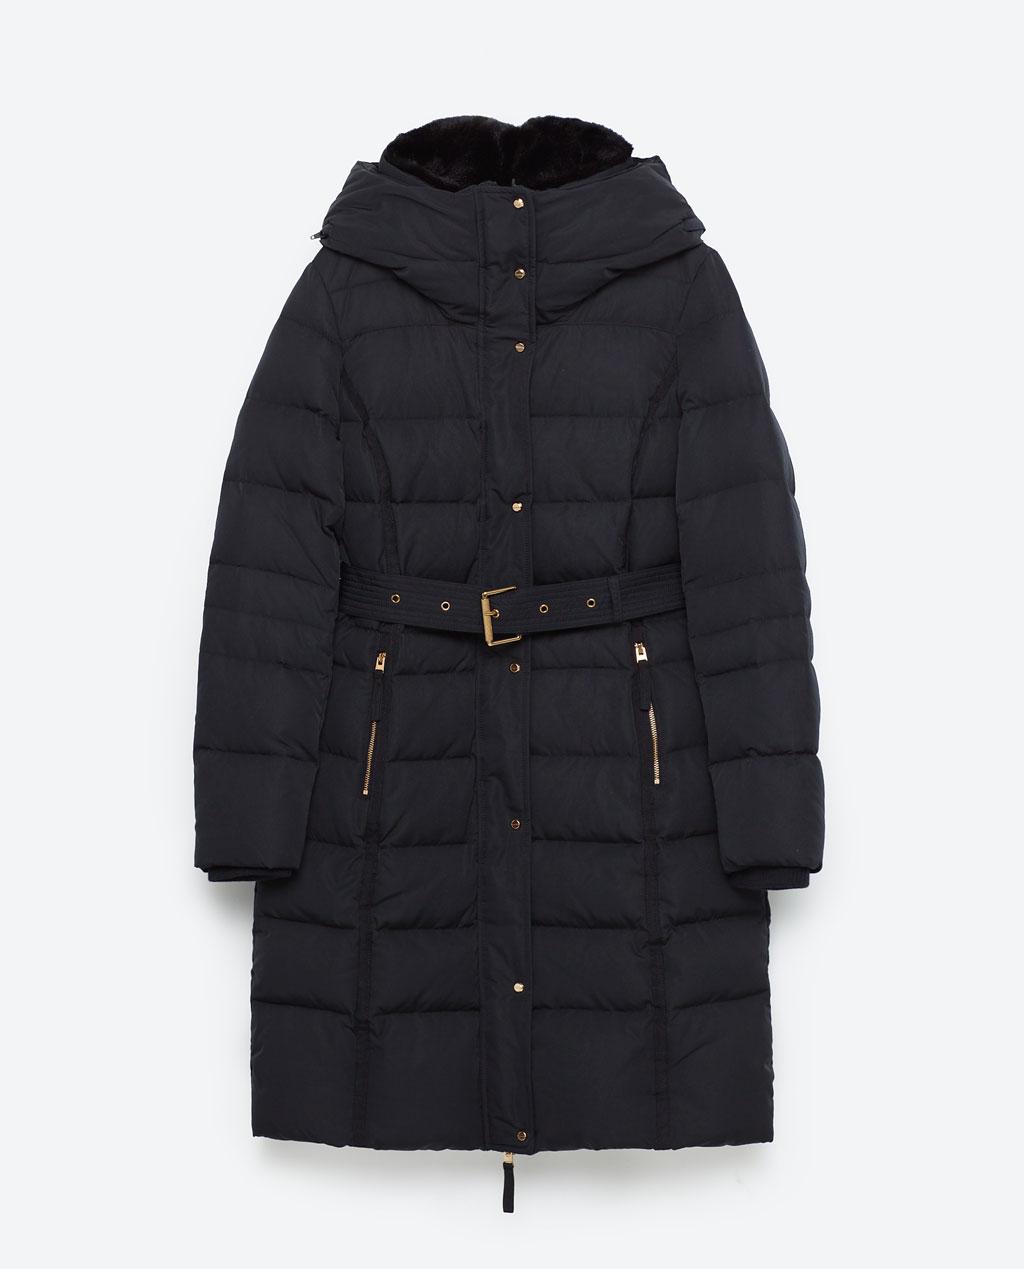 piumino Zara per inverno, donna formosa